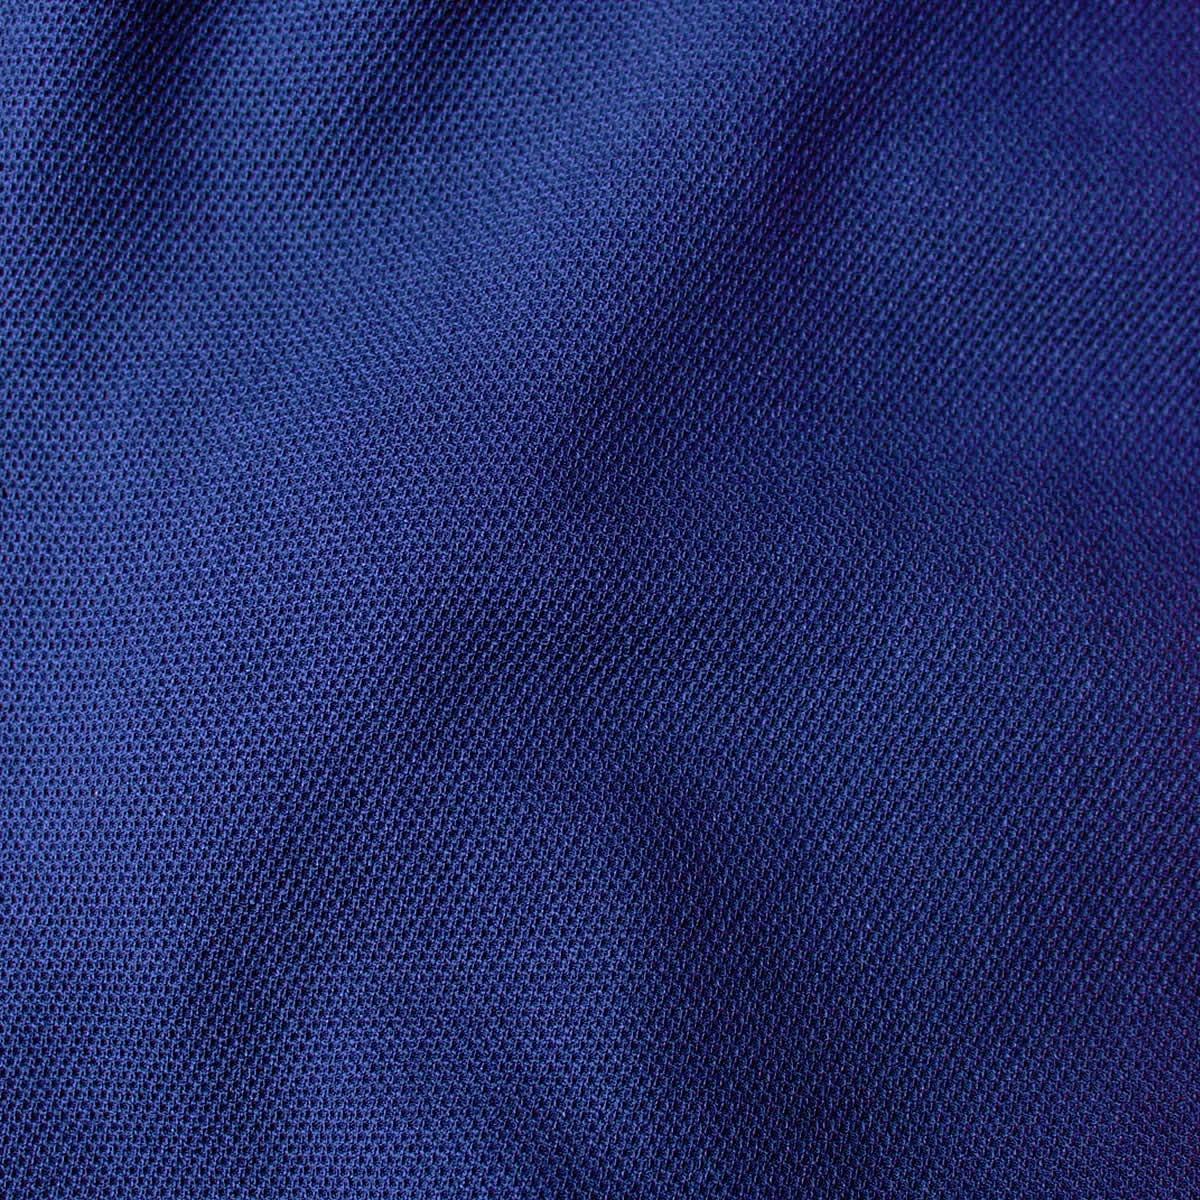 Tissu Acoustique pour Grilles Hauts-Parleurs 150x100cm Bleu Foncé